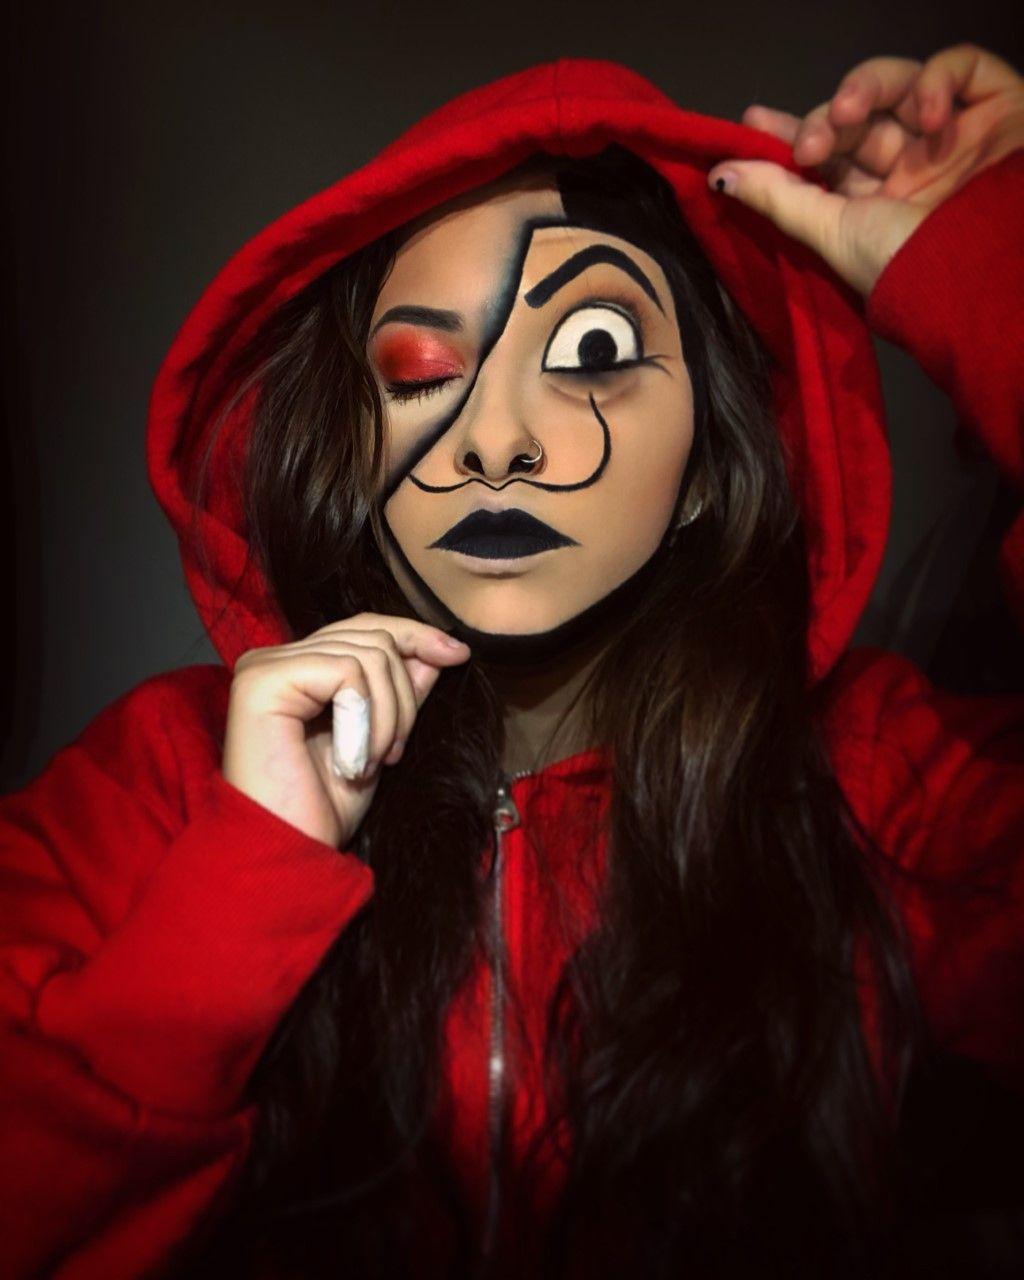 La Casa De Papel Maquillaje De Comic Maquillaje De Cara De Halloween Maquillaje De Personajes